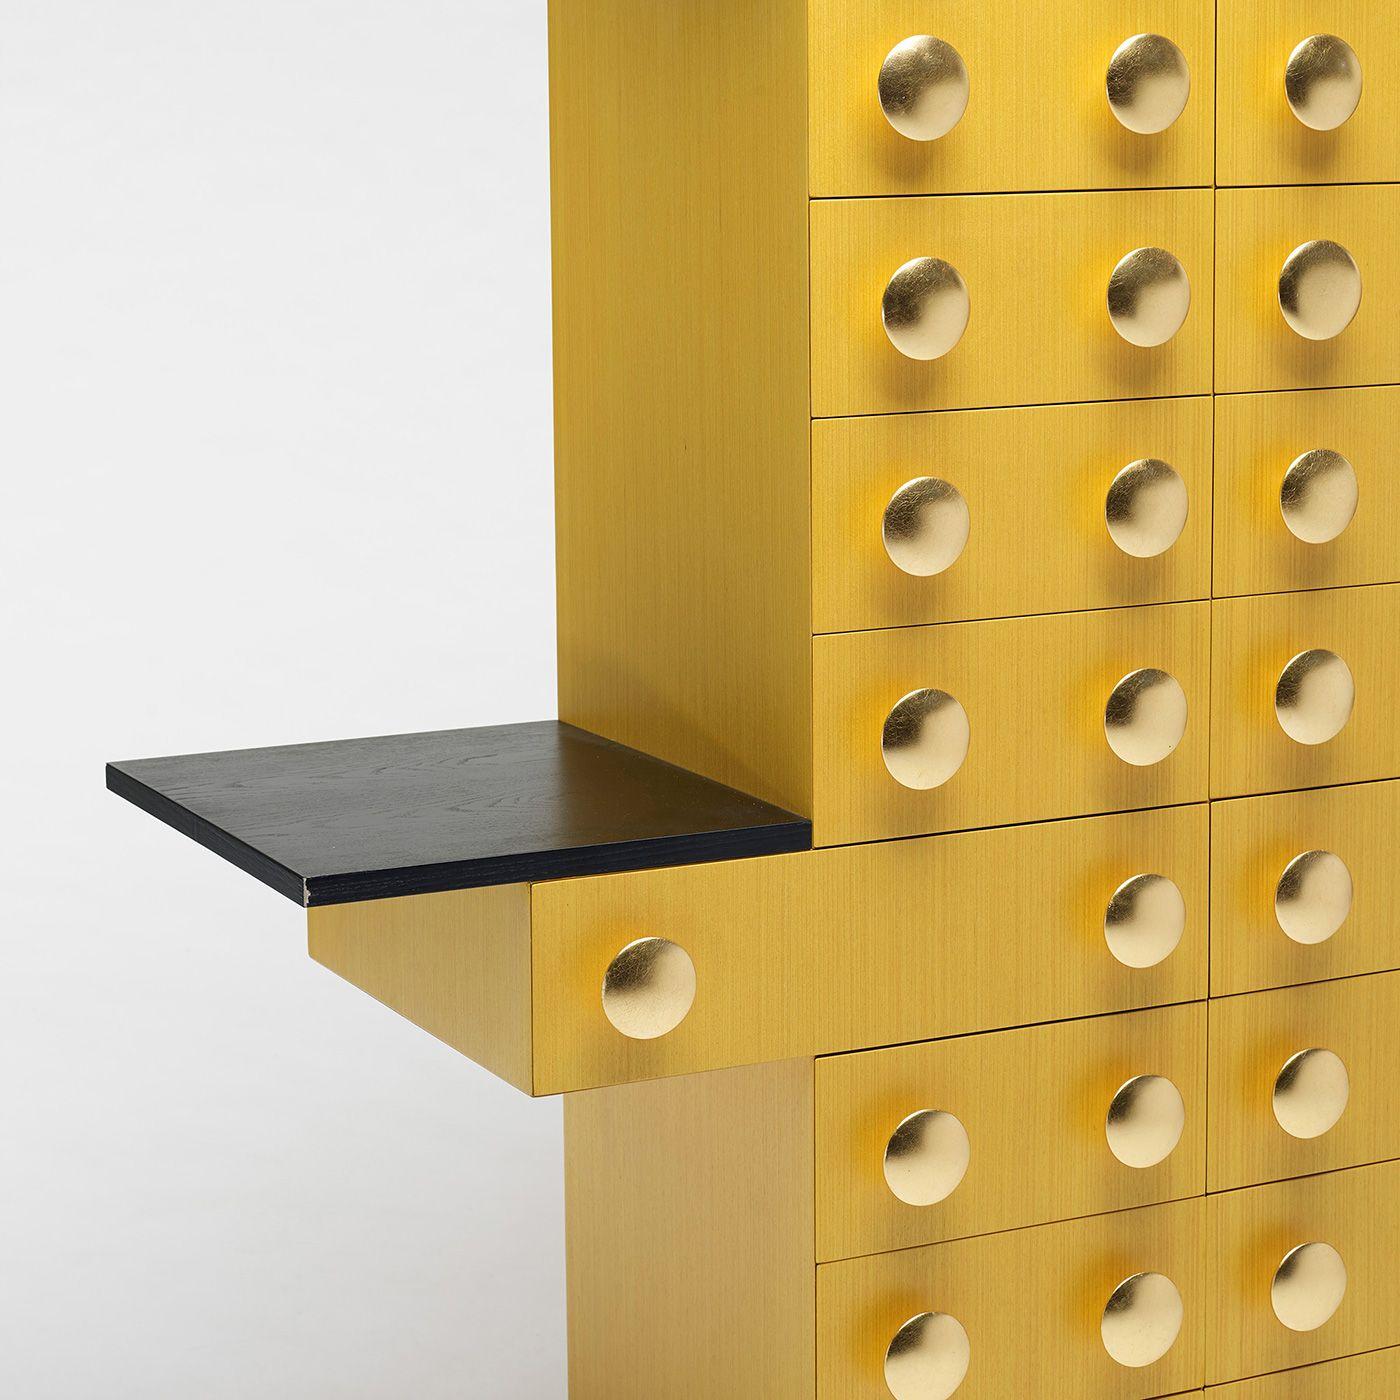 Ettore sottsass mobile giallo close interior design for Mobili italiani design